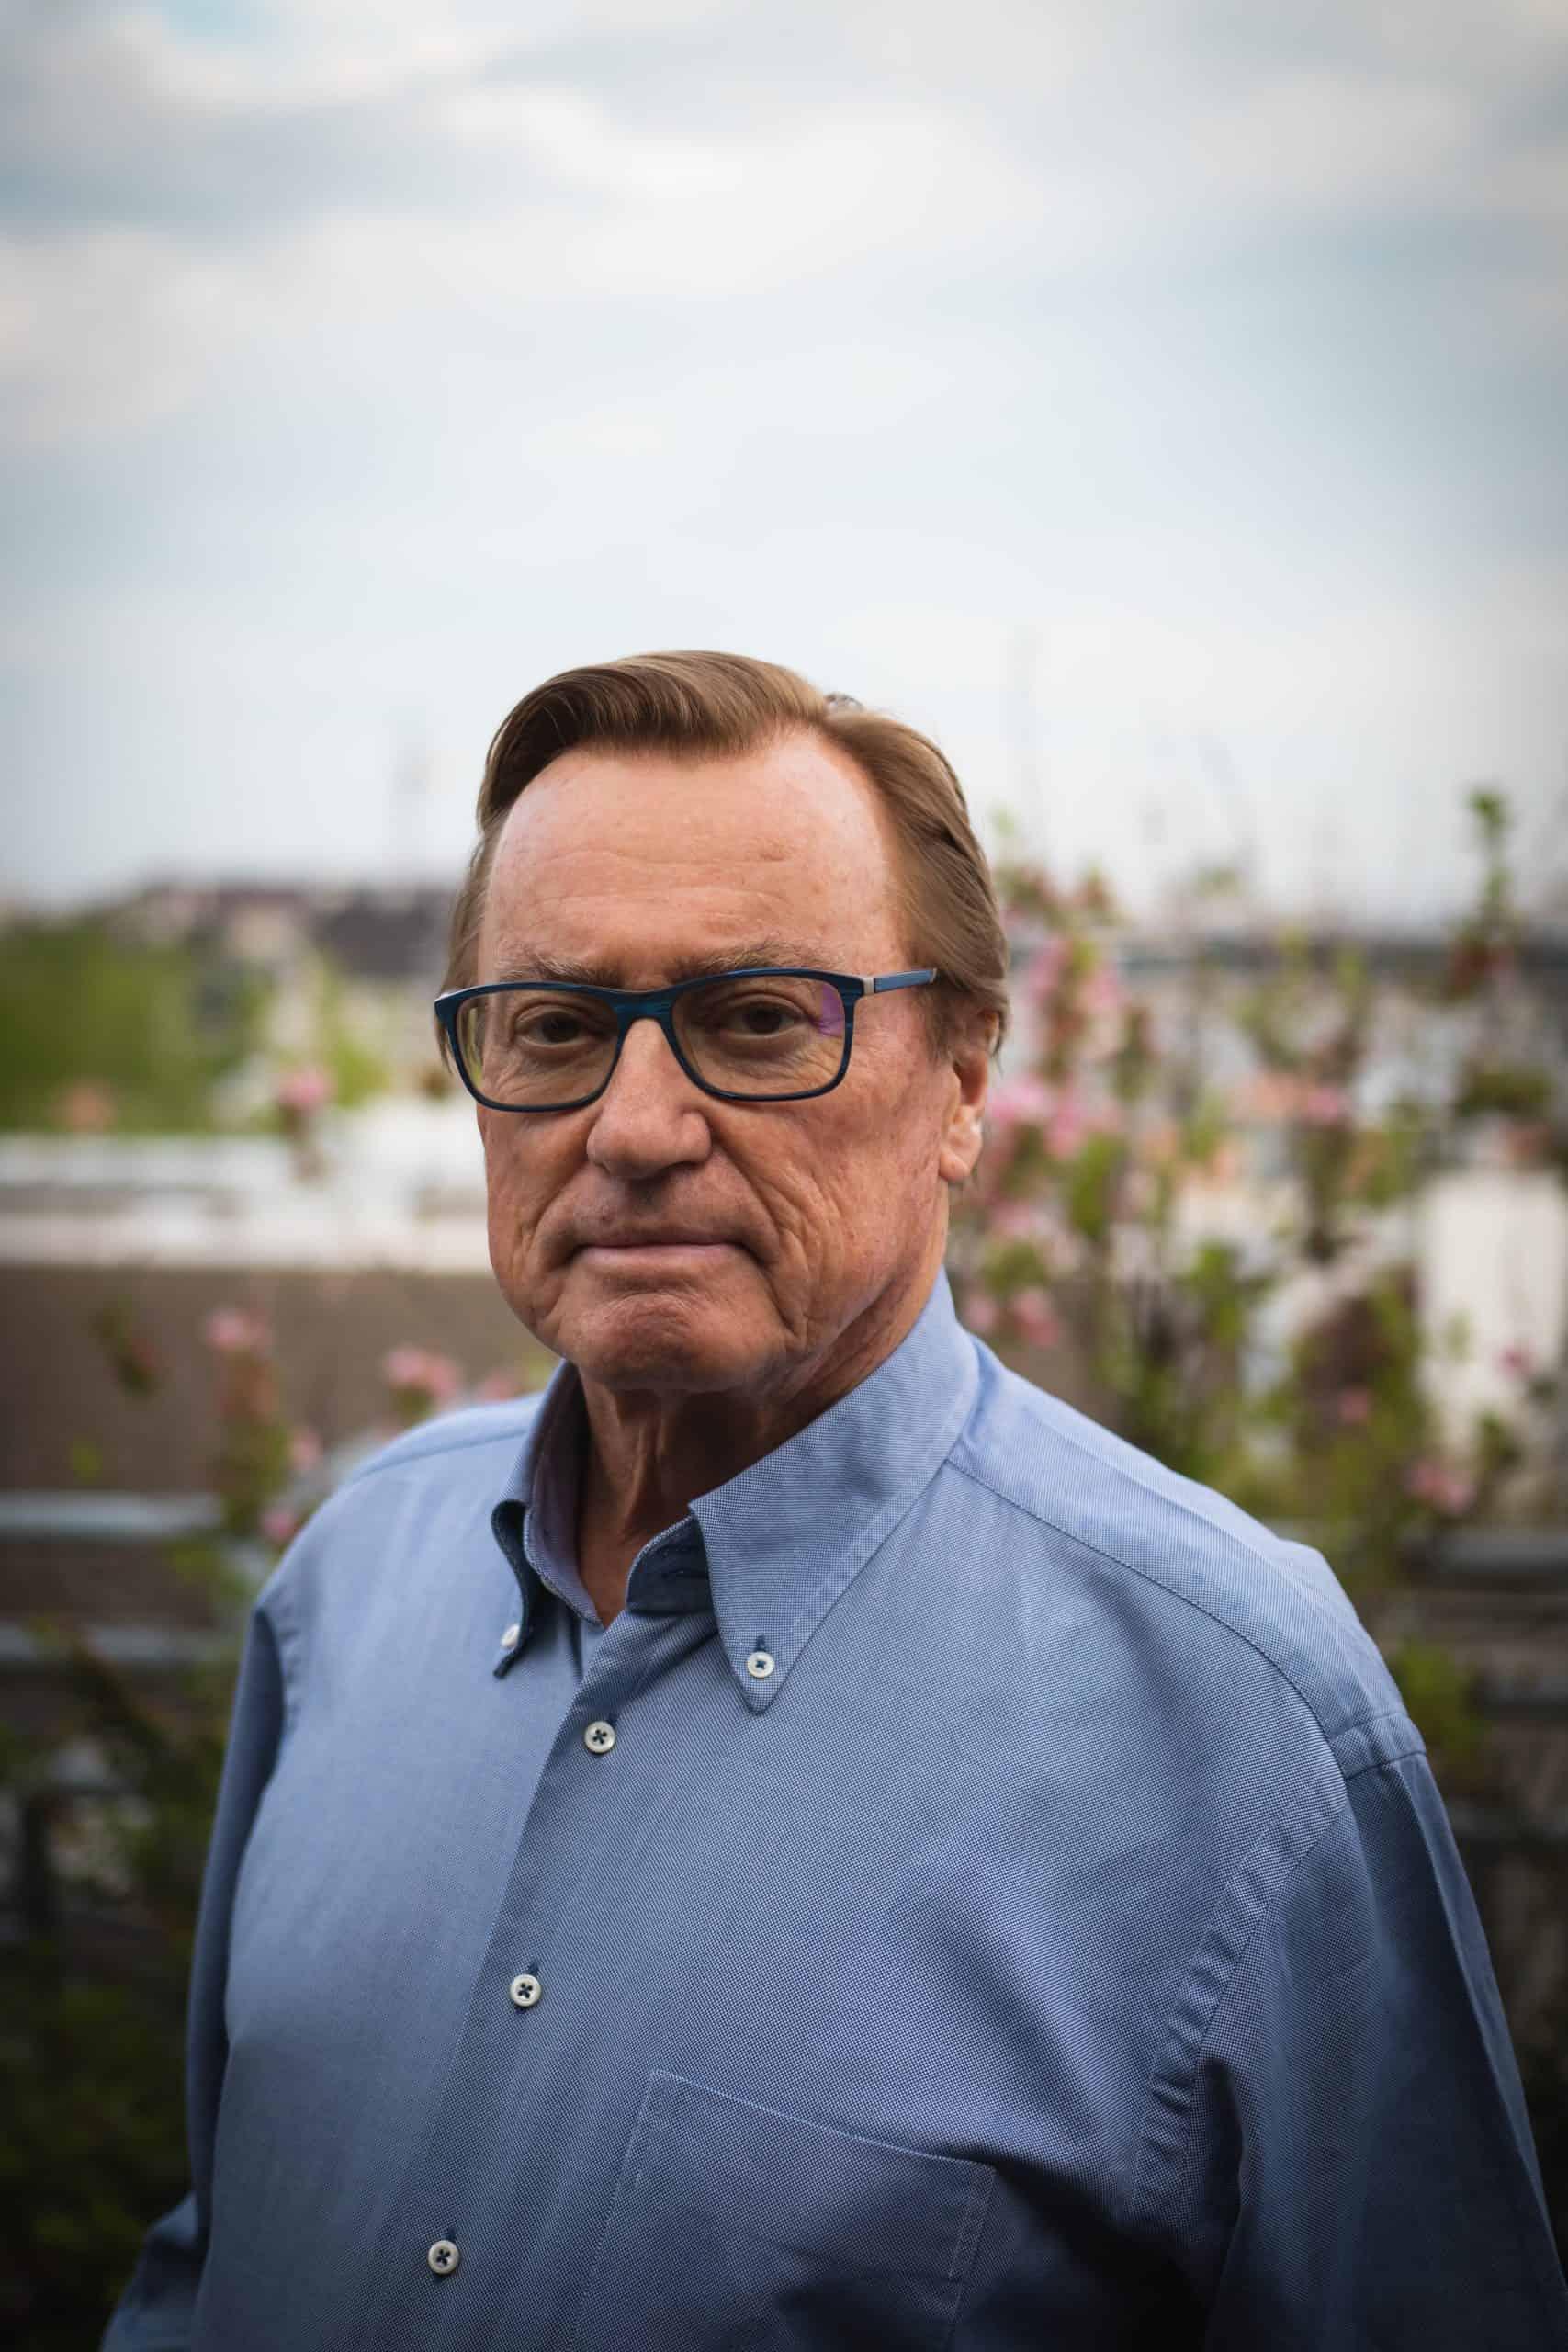 Peter Grassmann